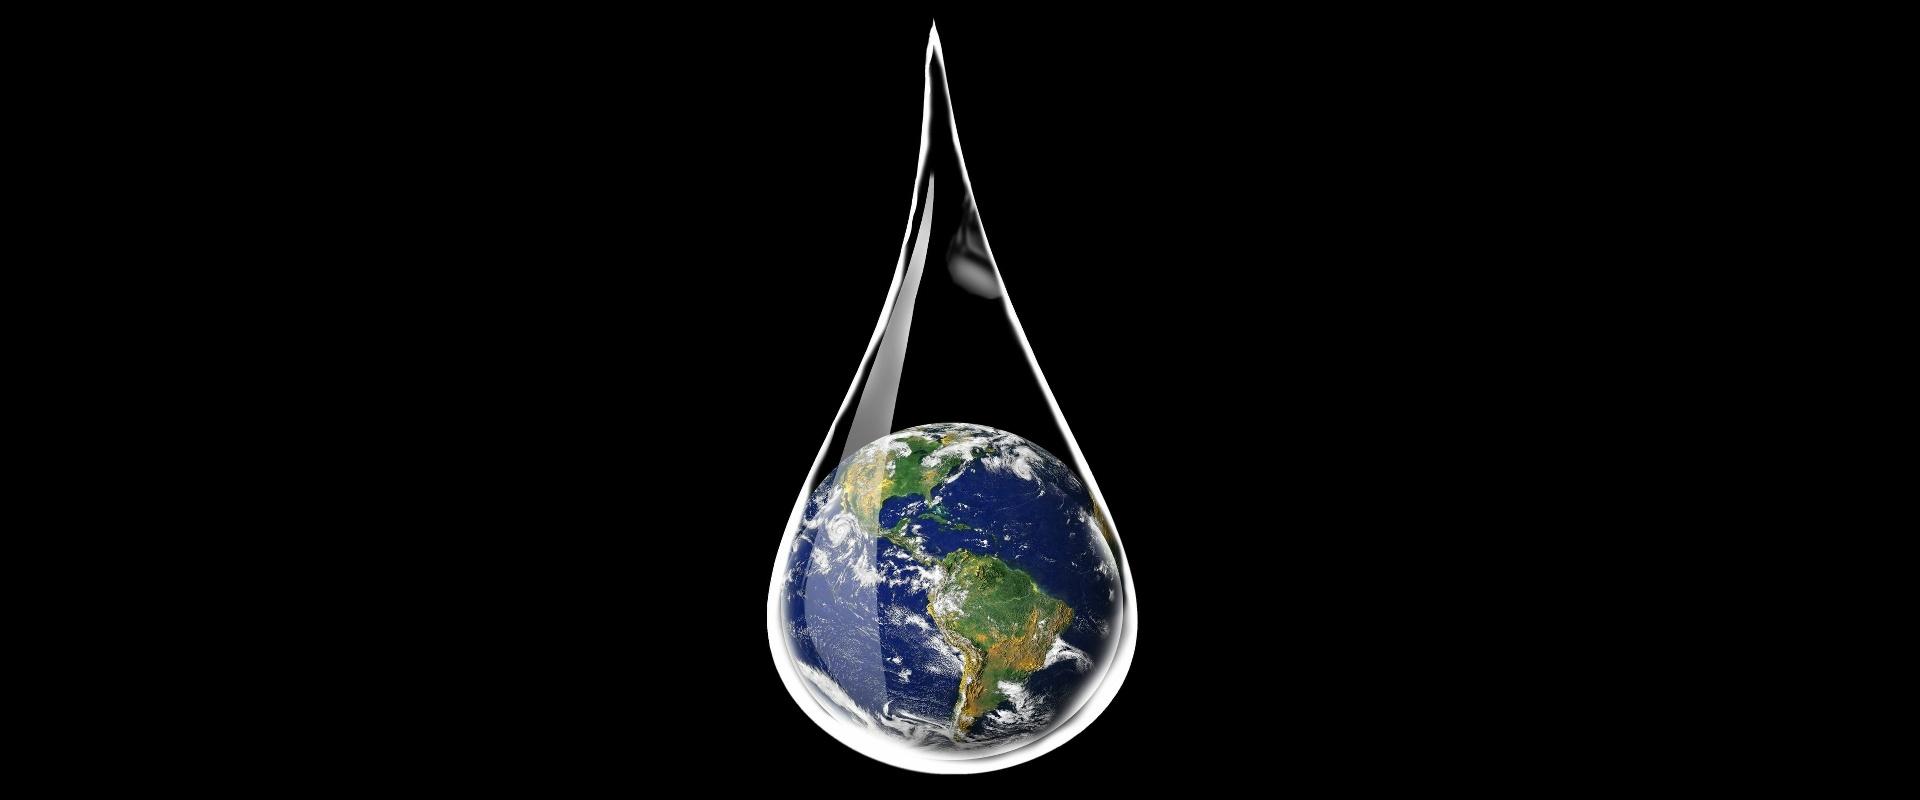 Salvando um sistema que pode nos afundar